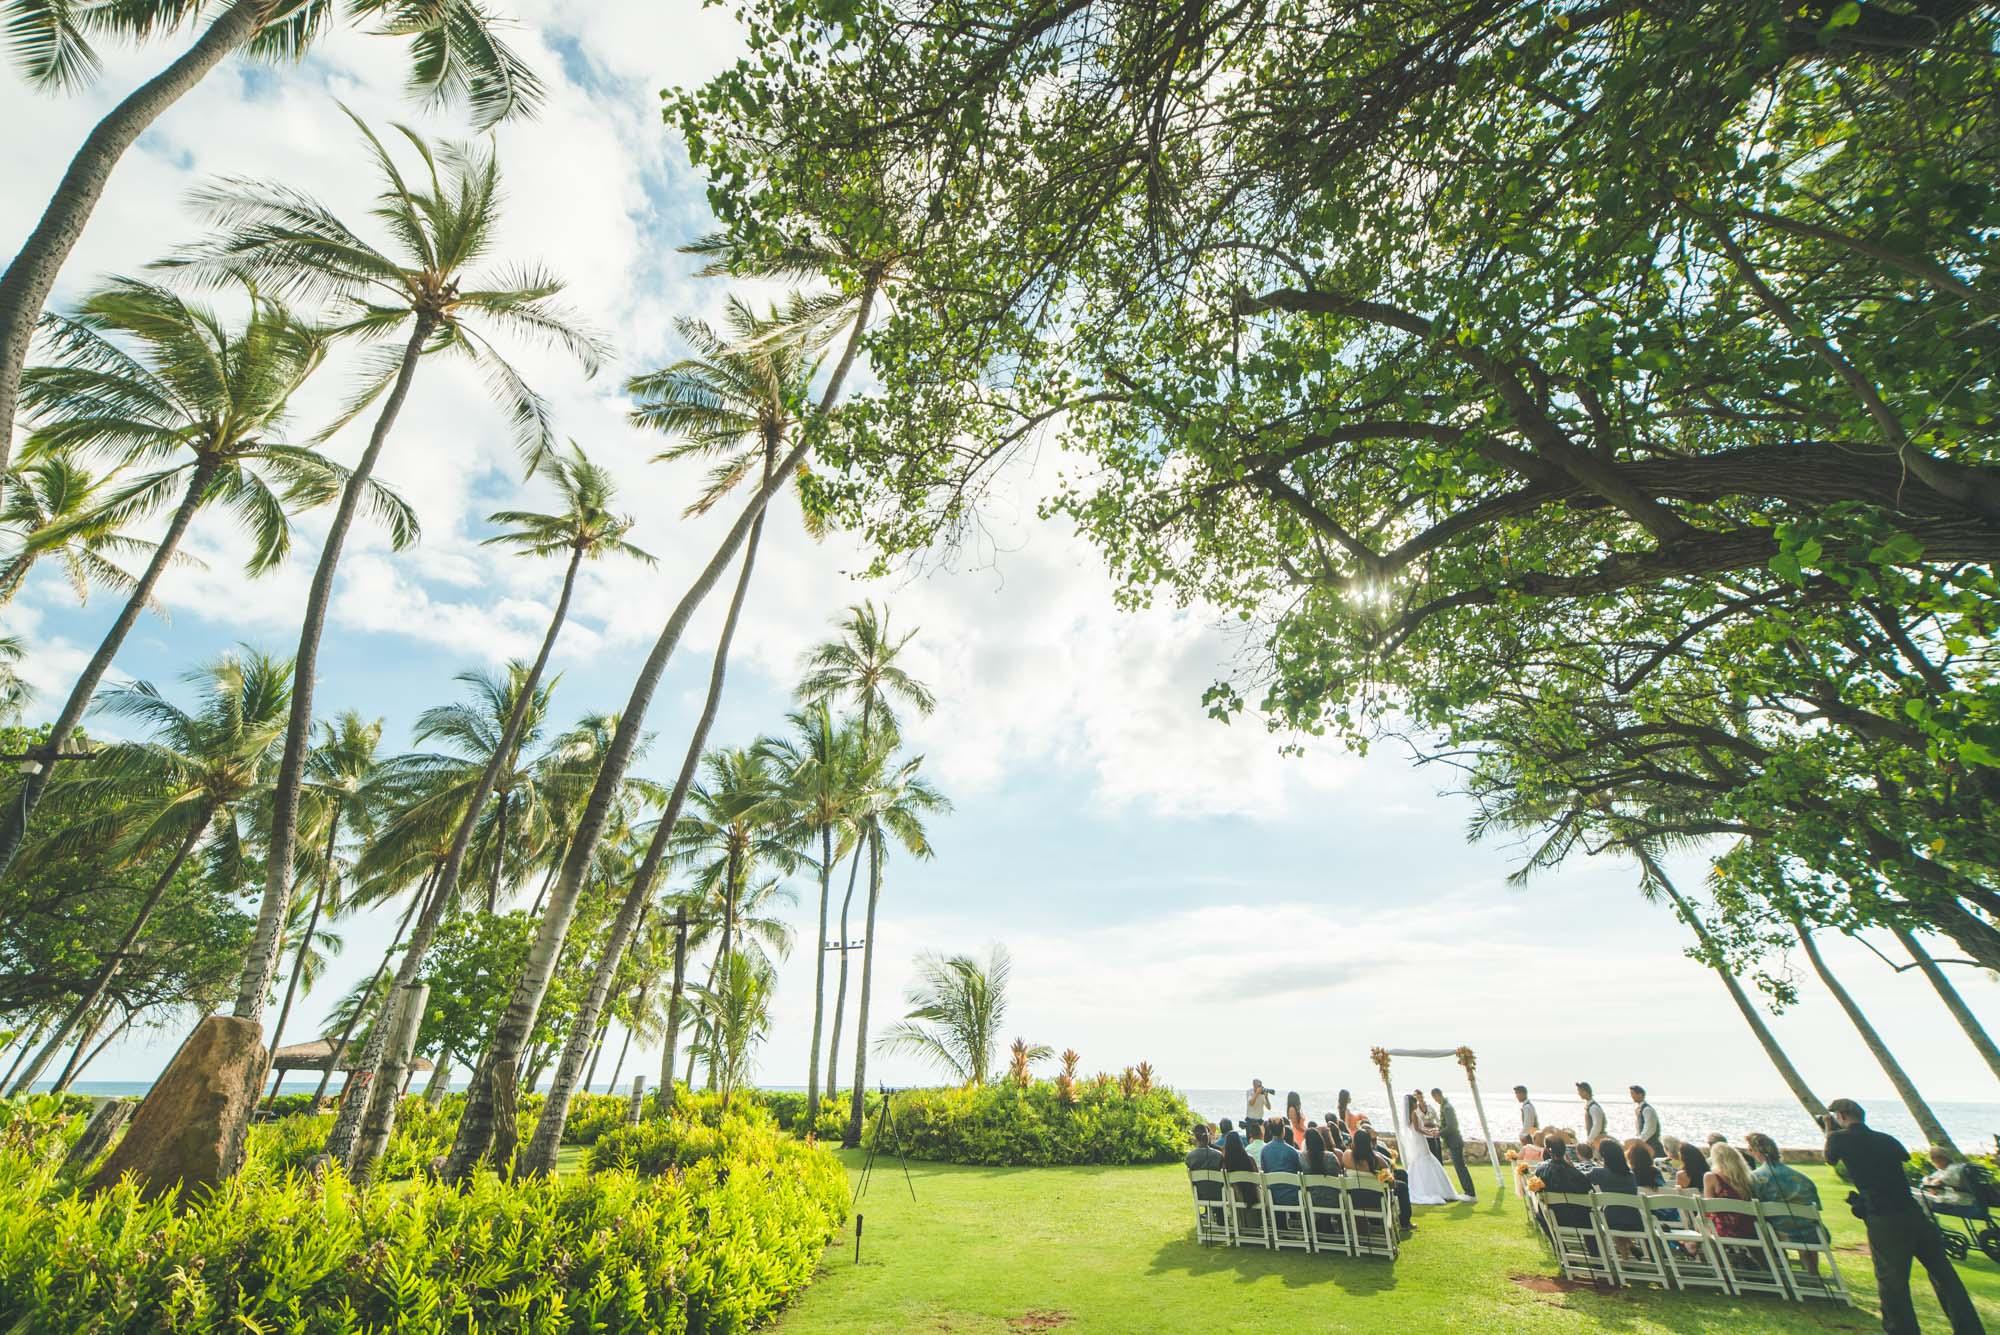 hawaii-wedding-photography-Aulani-Lanikuhonua-150605-0019.jpg